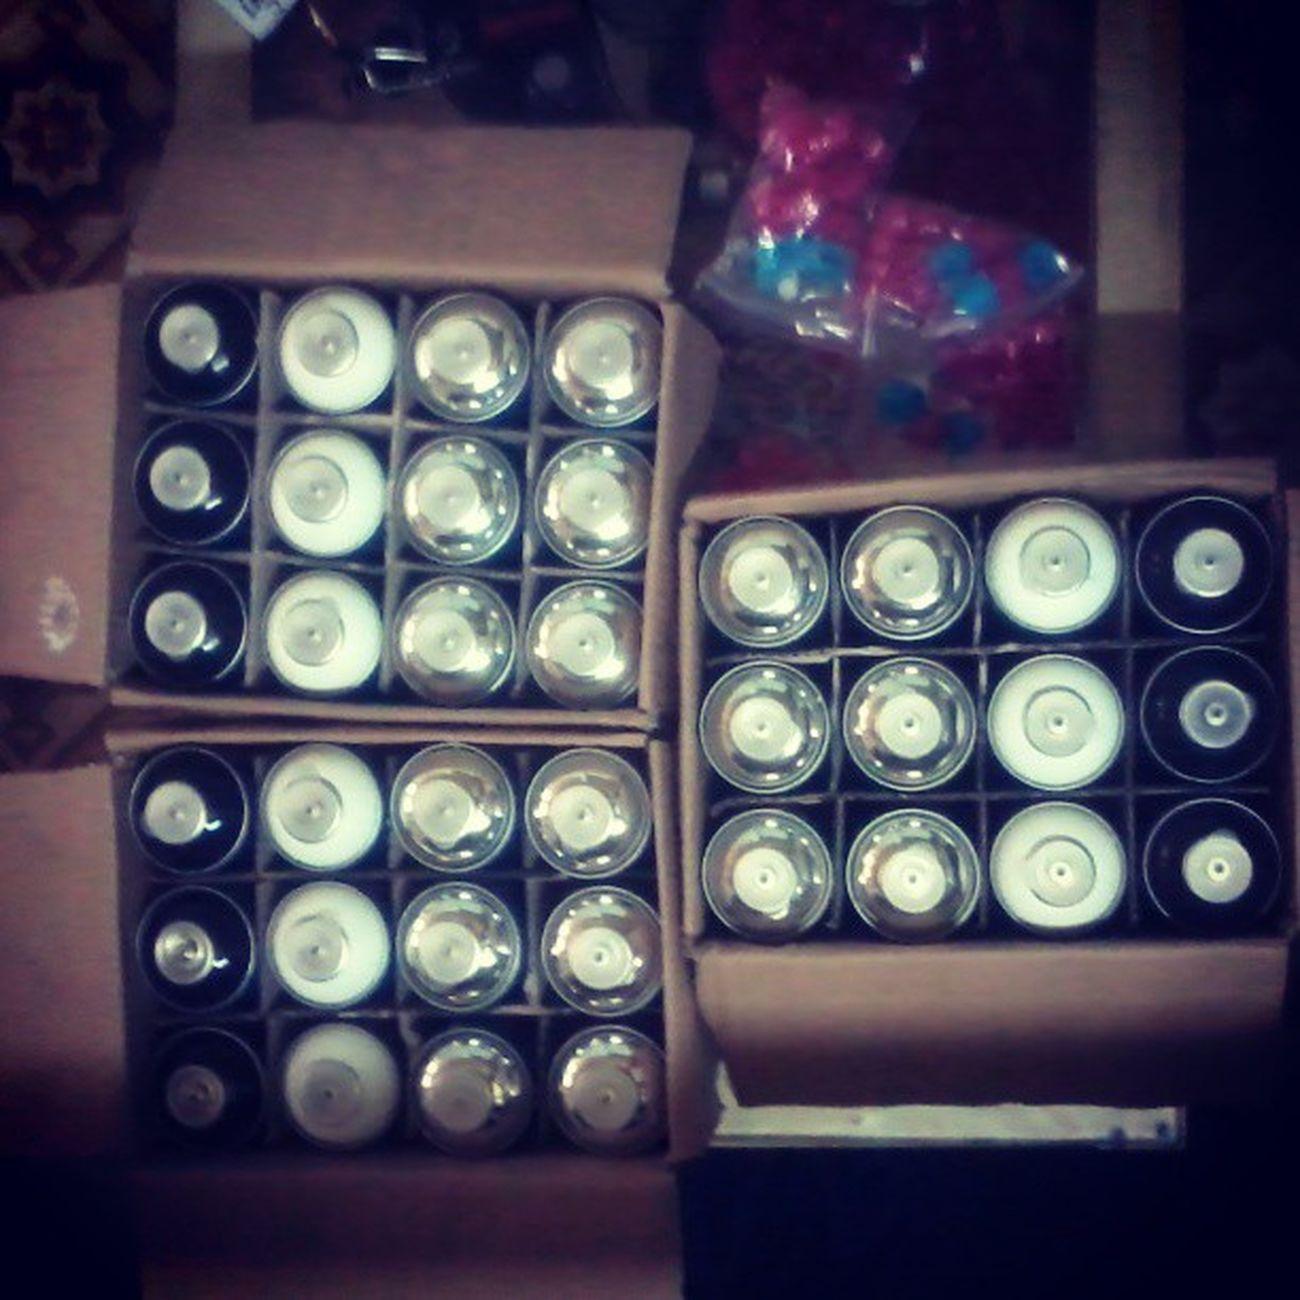 Bombing combo: 1Box/ 12Kolour cans. 6 Chrome , 3 Black 3 White. - 800.000VND only ($40). Get while it last !!! Sẵn sàng gửi đến Huế thương !!!!